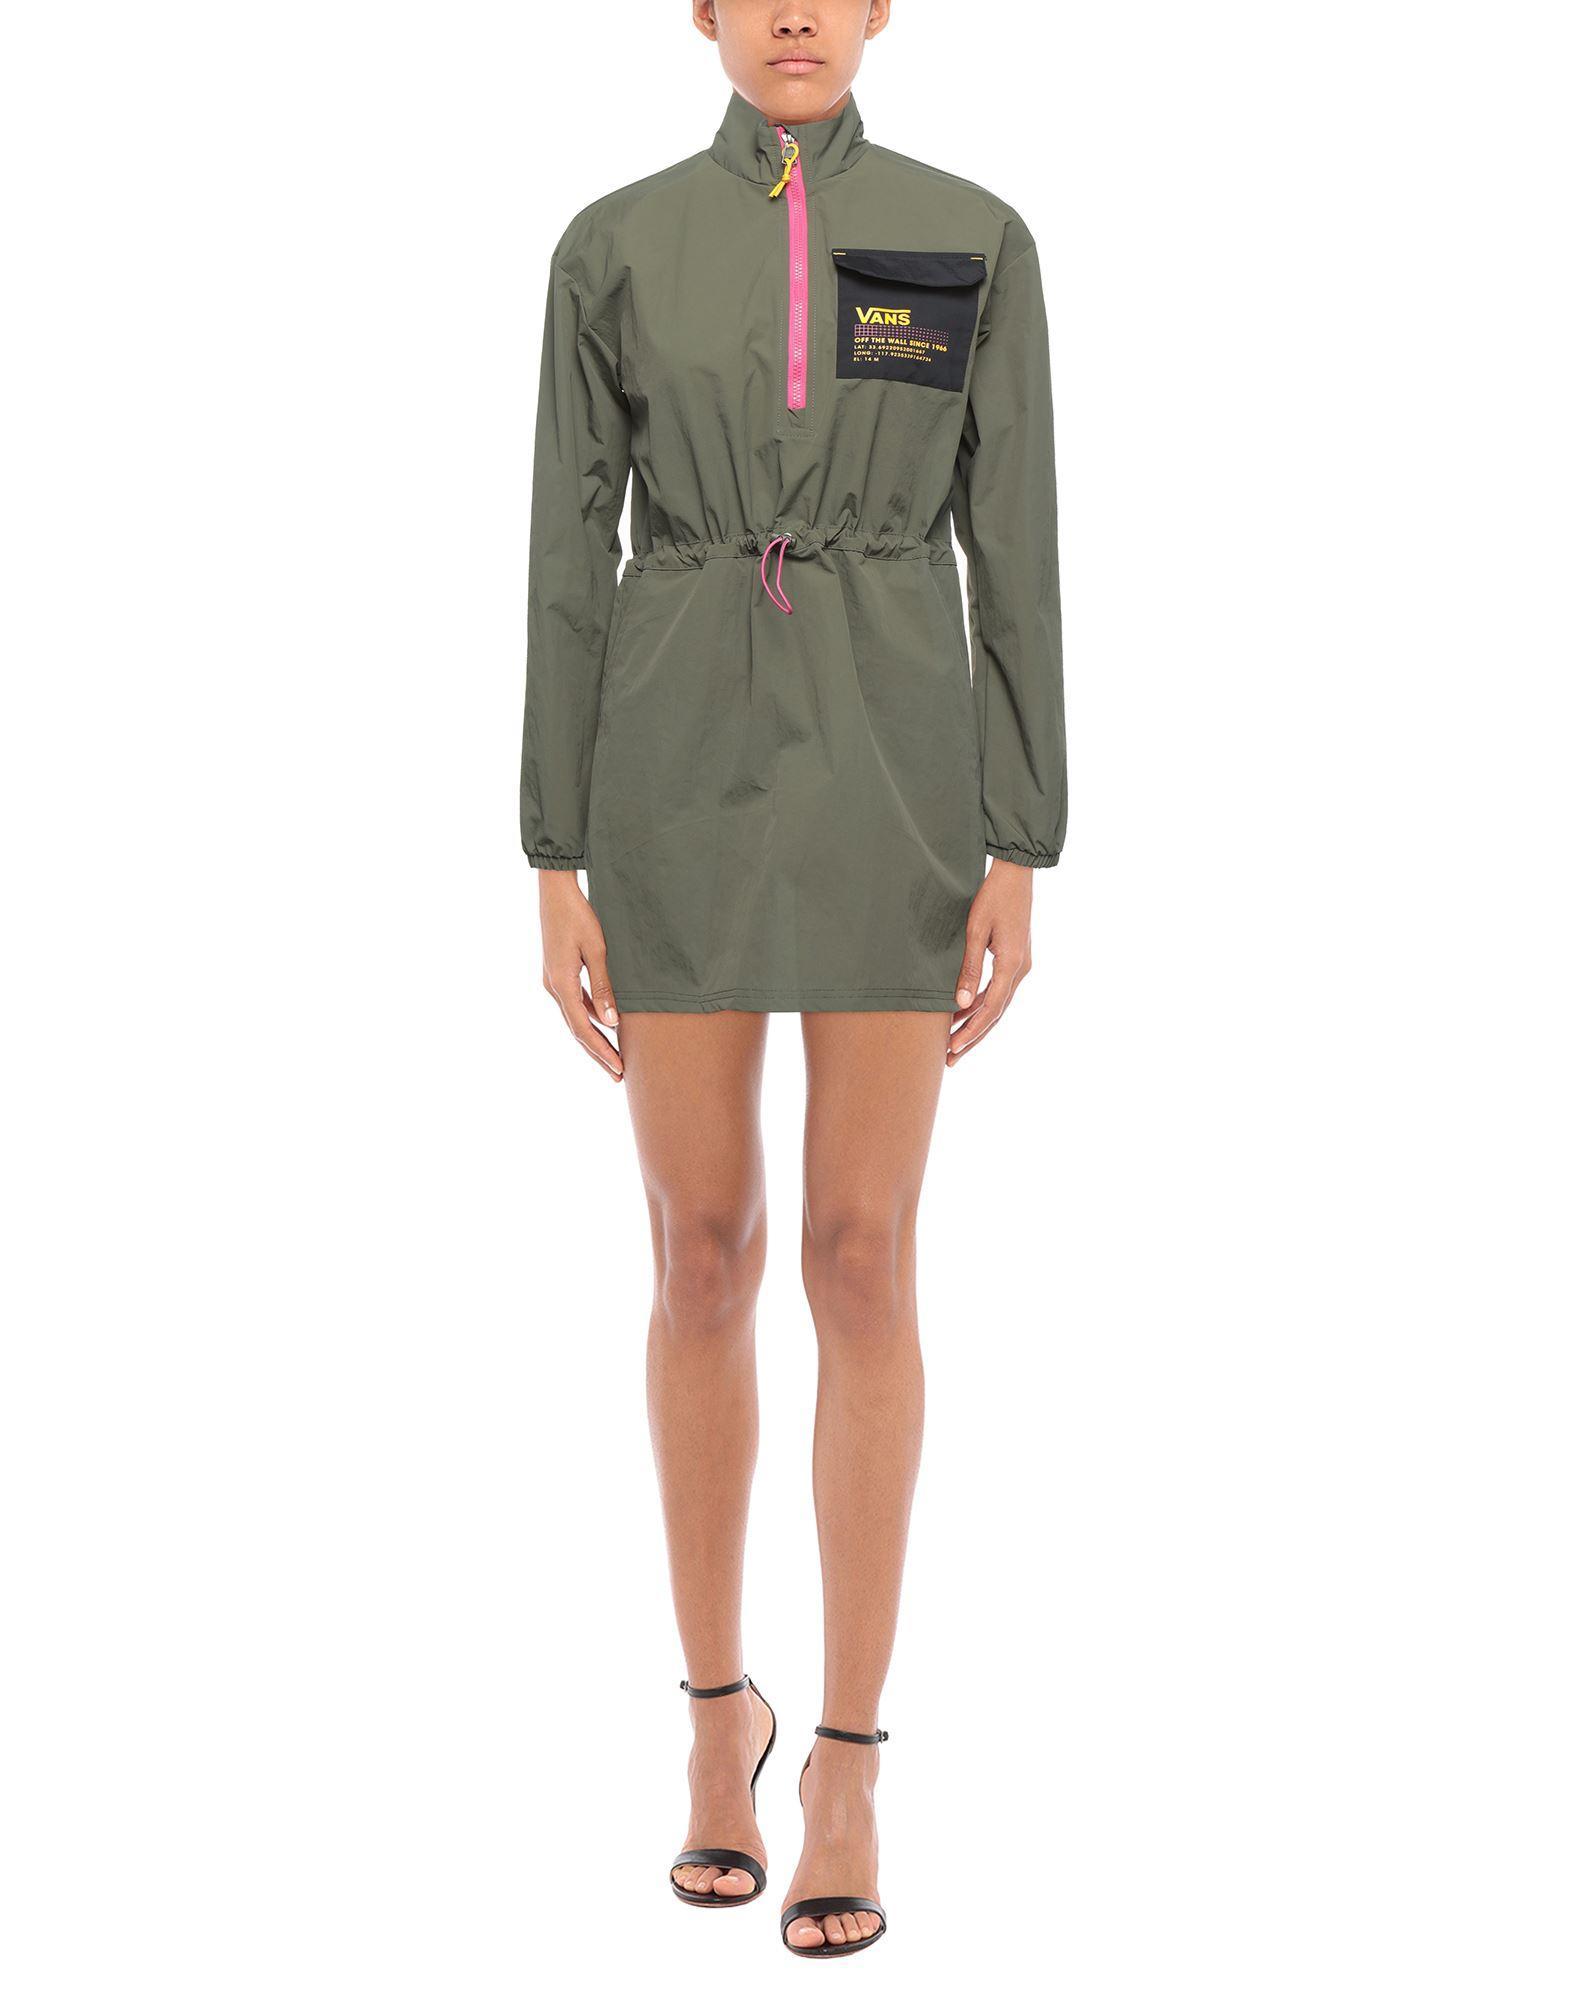 Vestito cortoVans in Materiale sintetico di colore Verde - Lyst